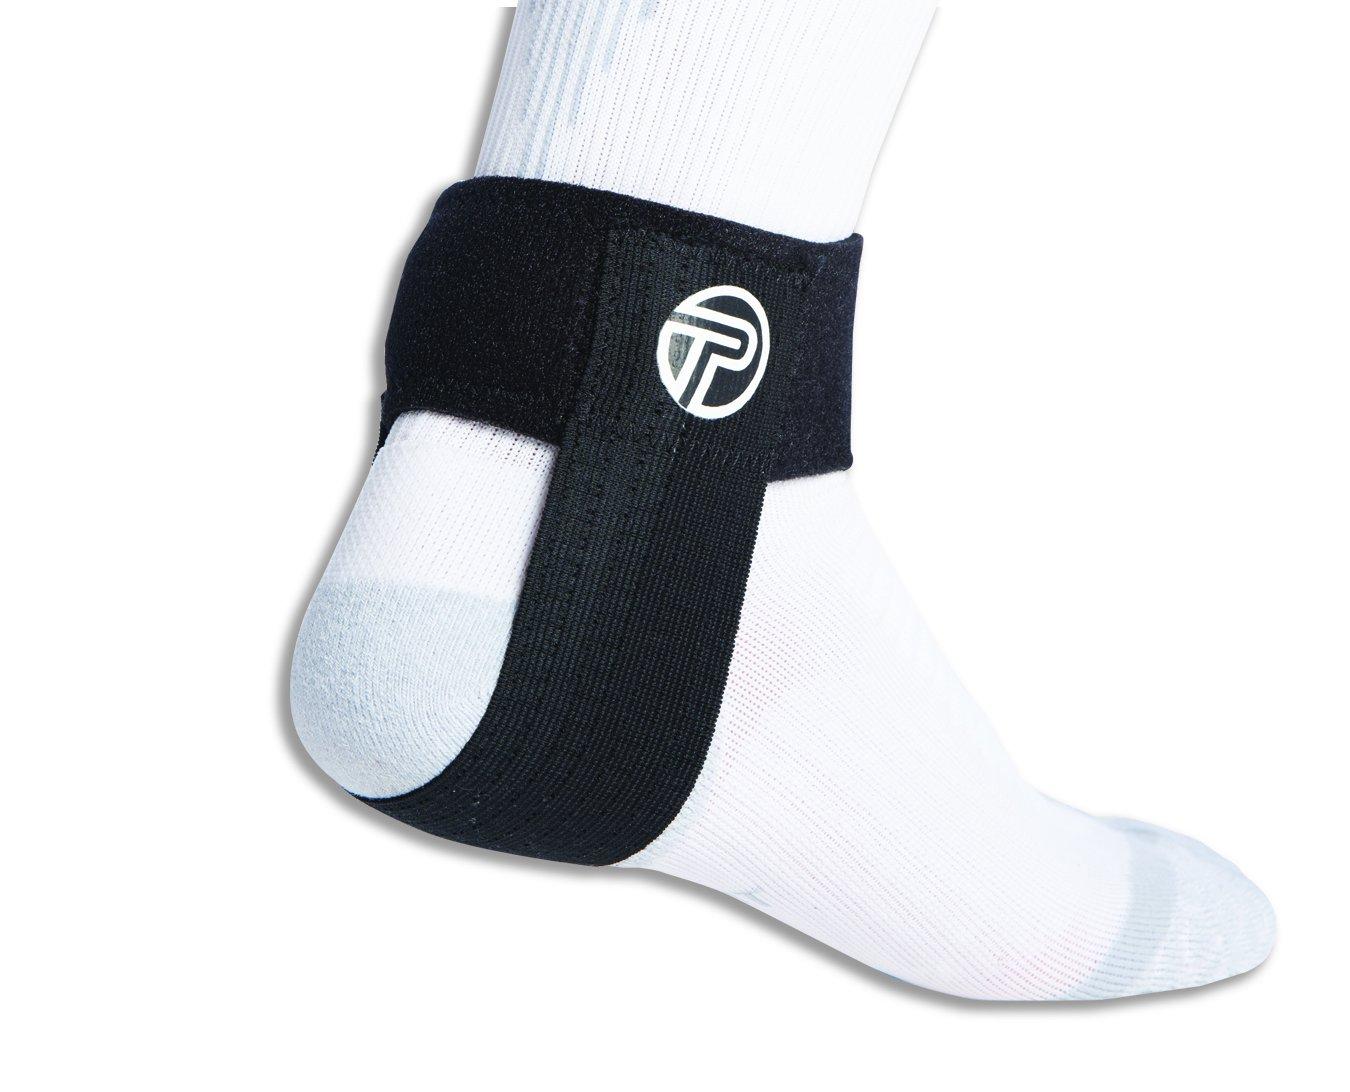 Pro-Tec Athletics Premium Achilles Tendon Support, Small/Large